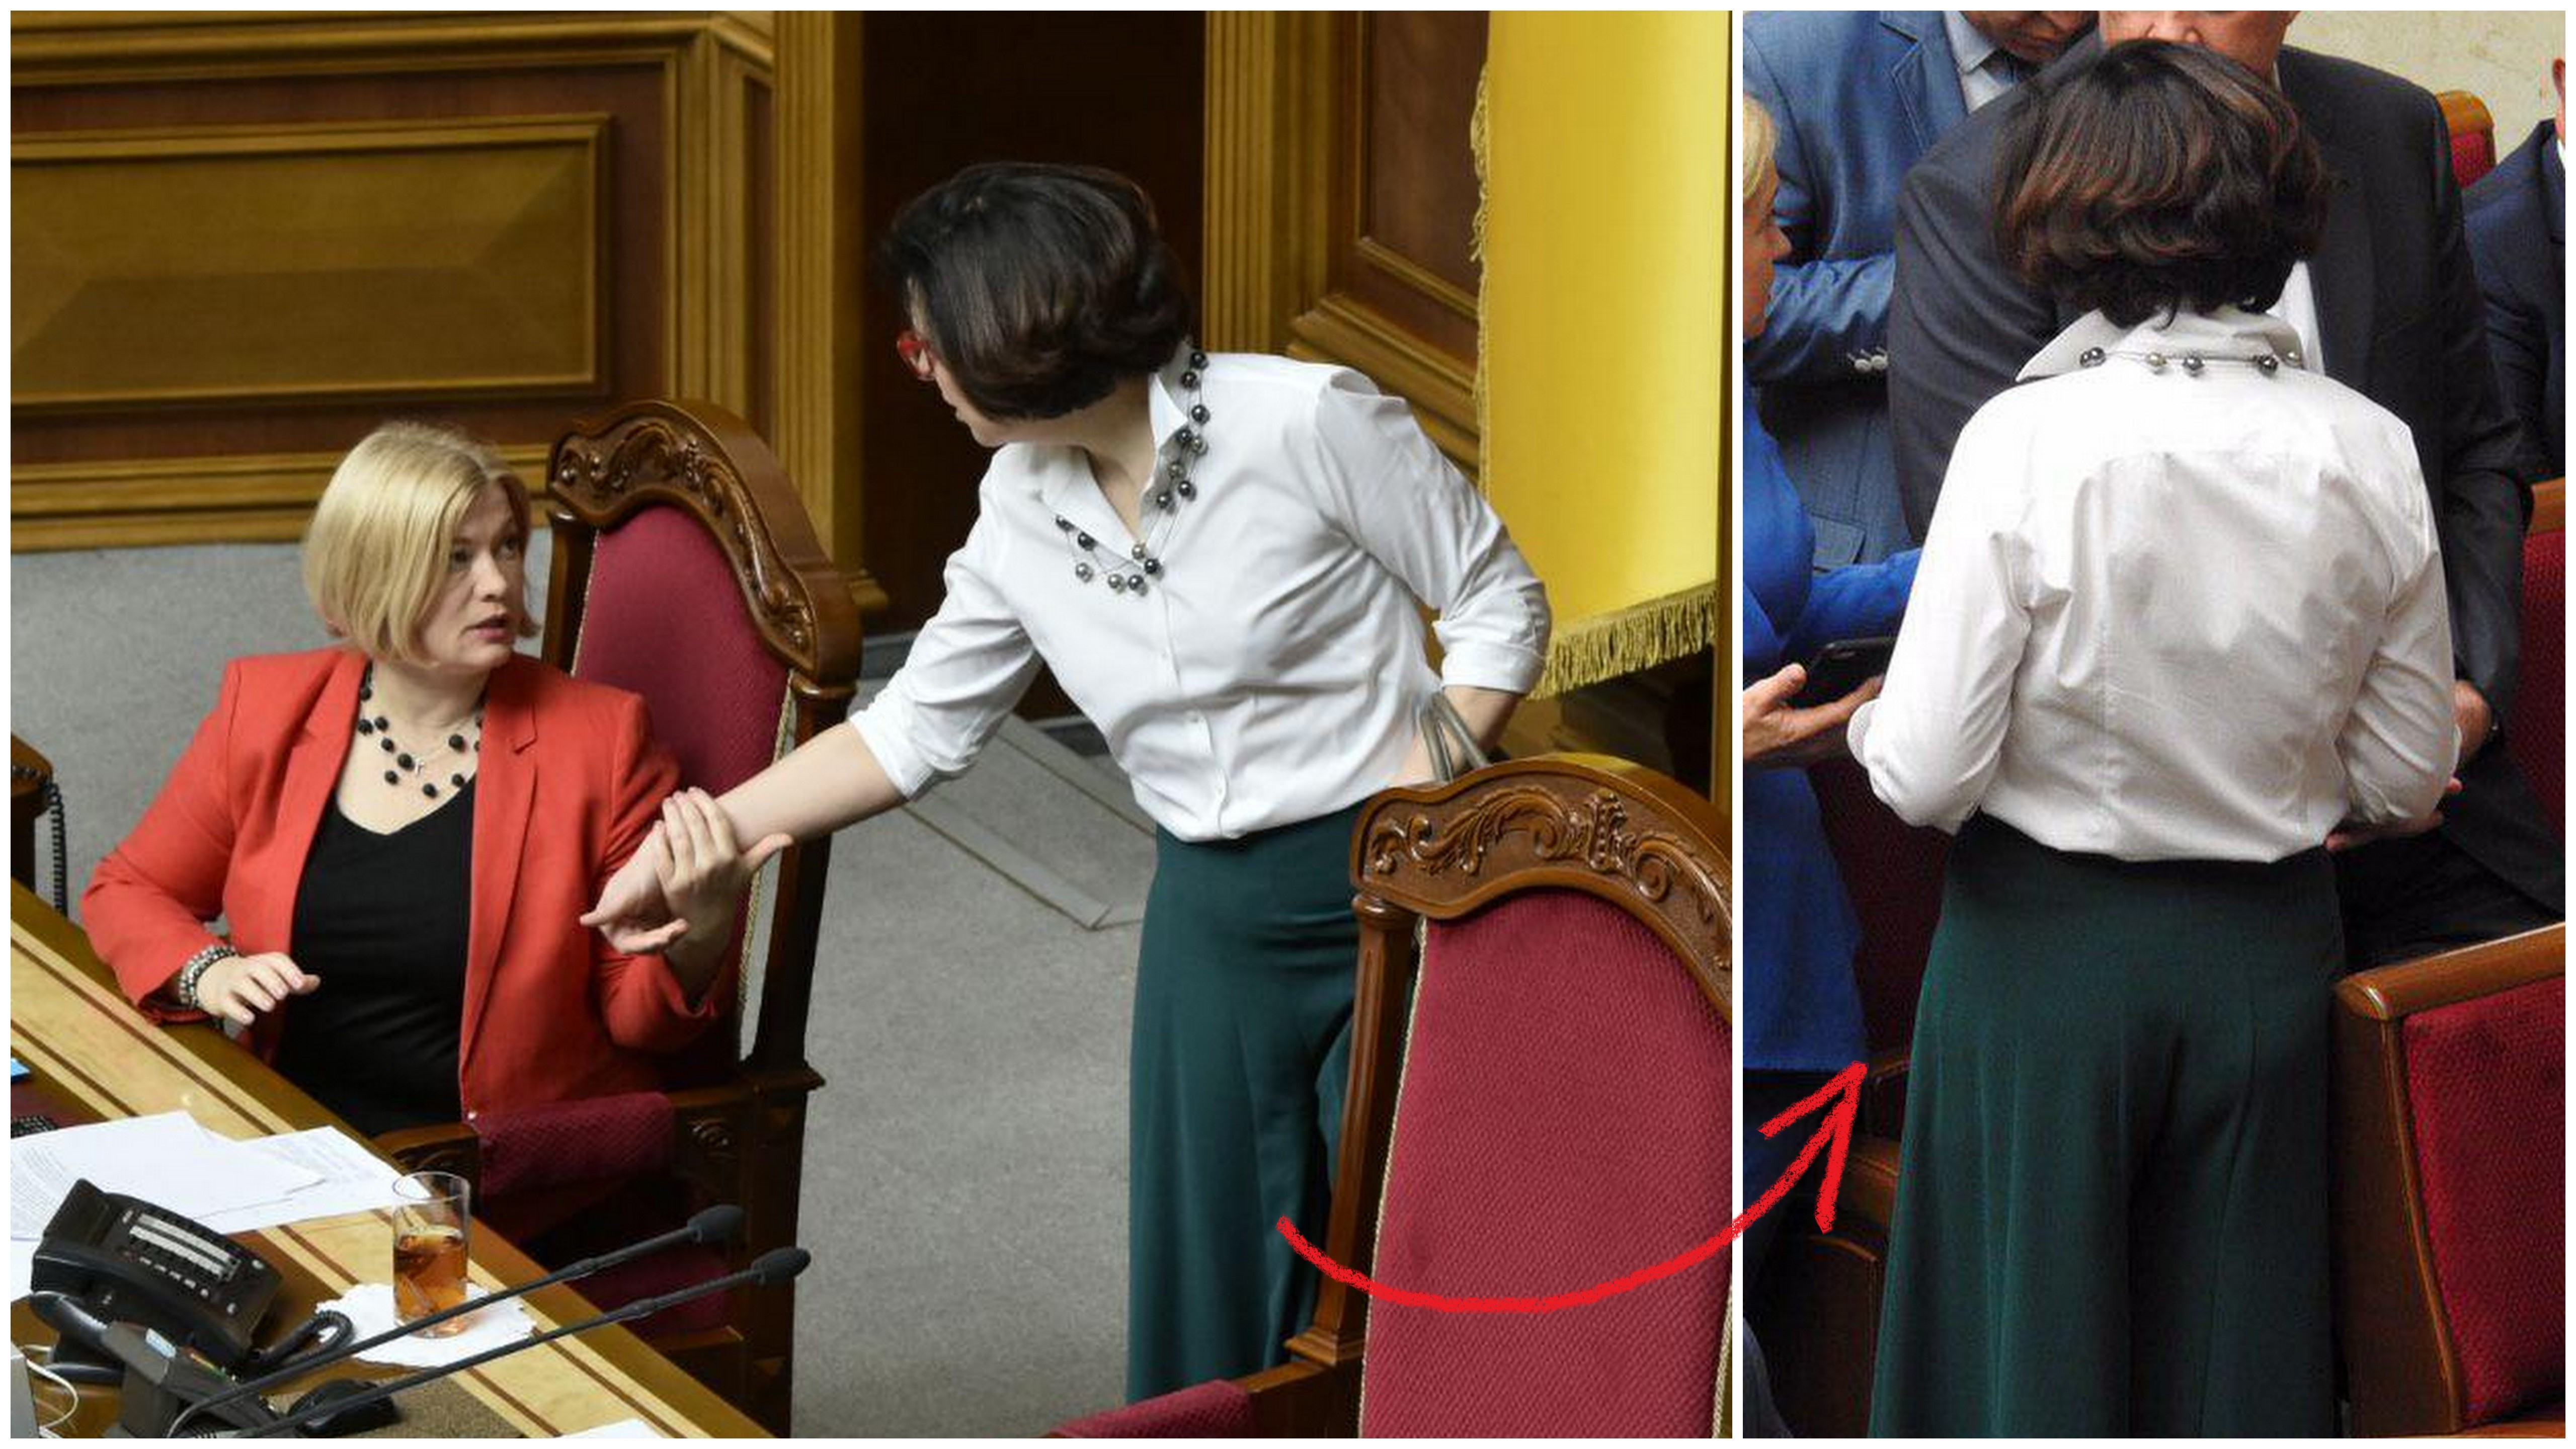 Оксана Сыроед пришла в широких брюках, фото: Изым Каумбаев,